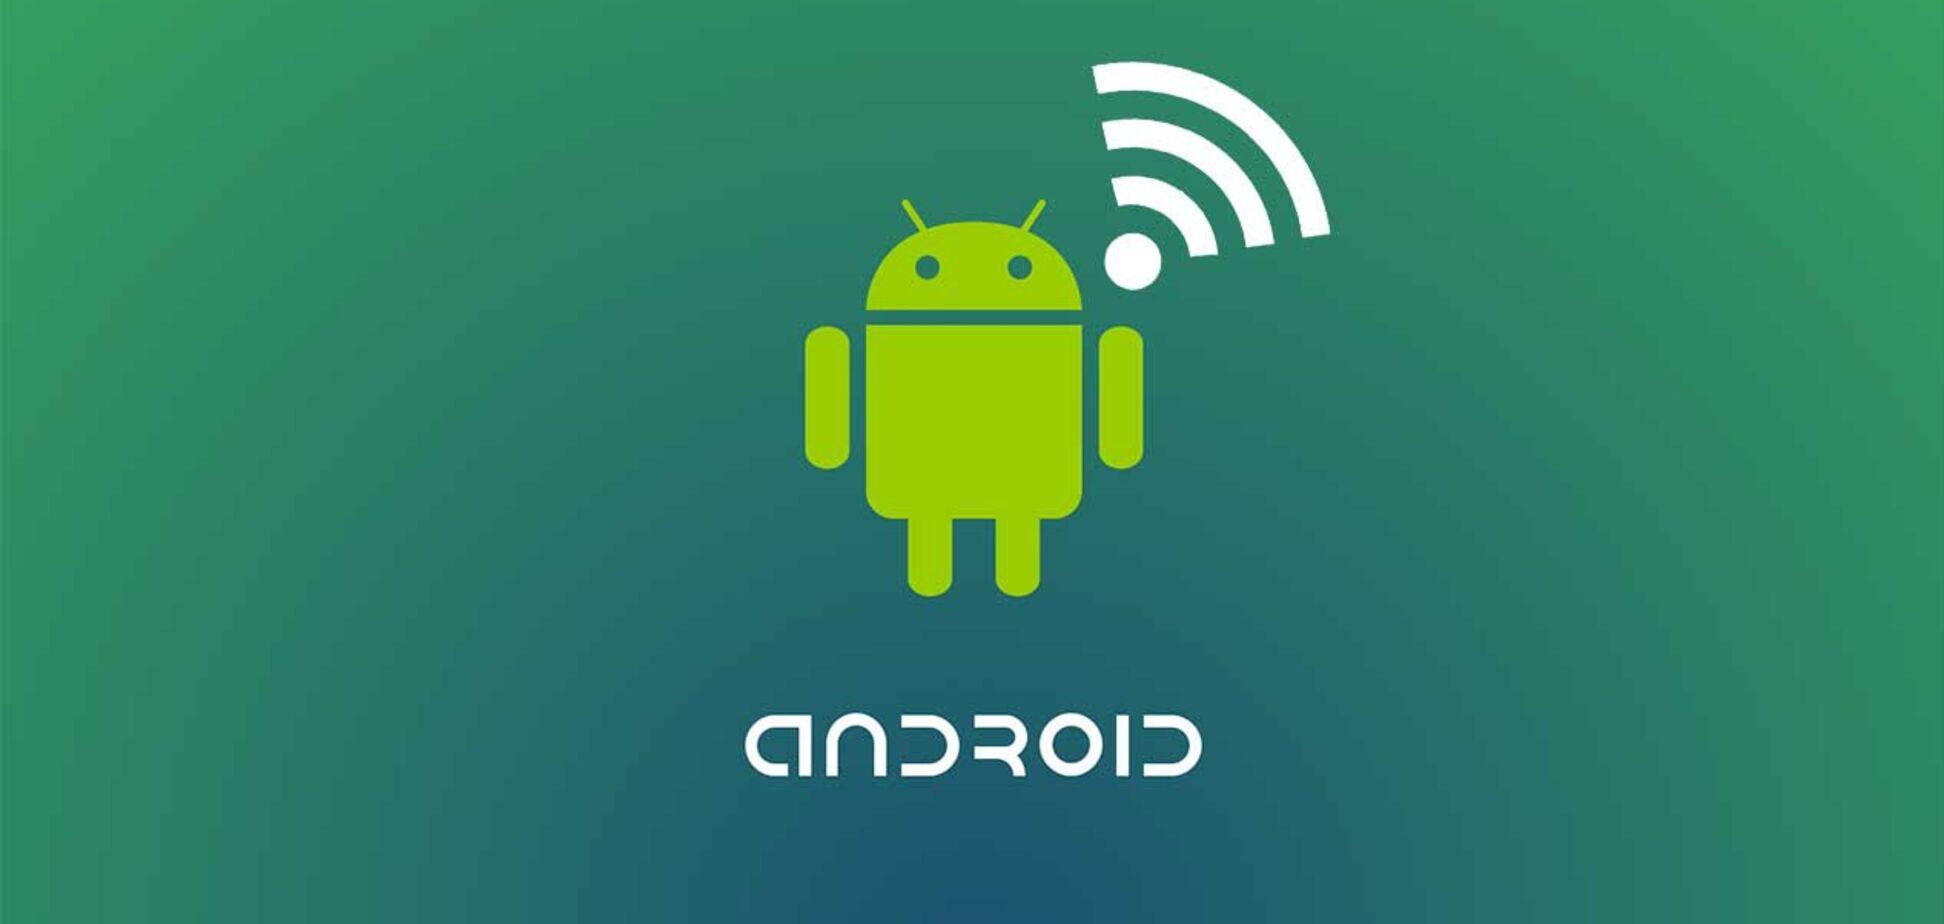 Wi-Fi на Android можно усилить: пять хитрых способов наладить мощный интернет